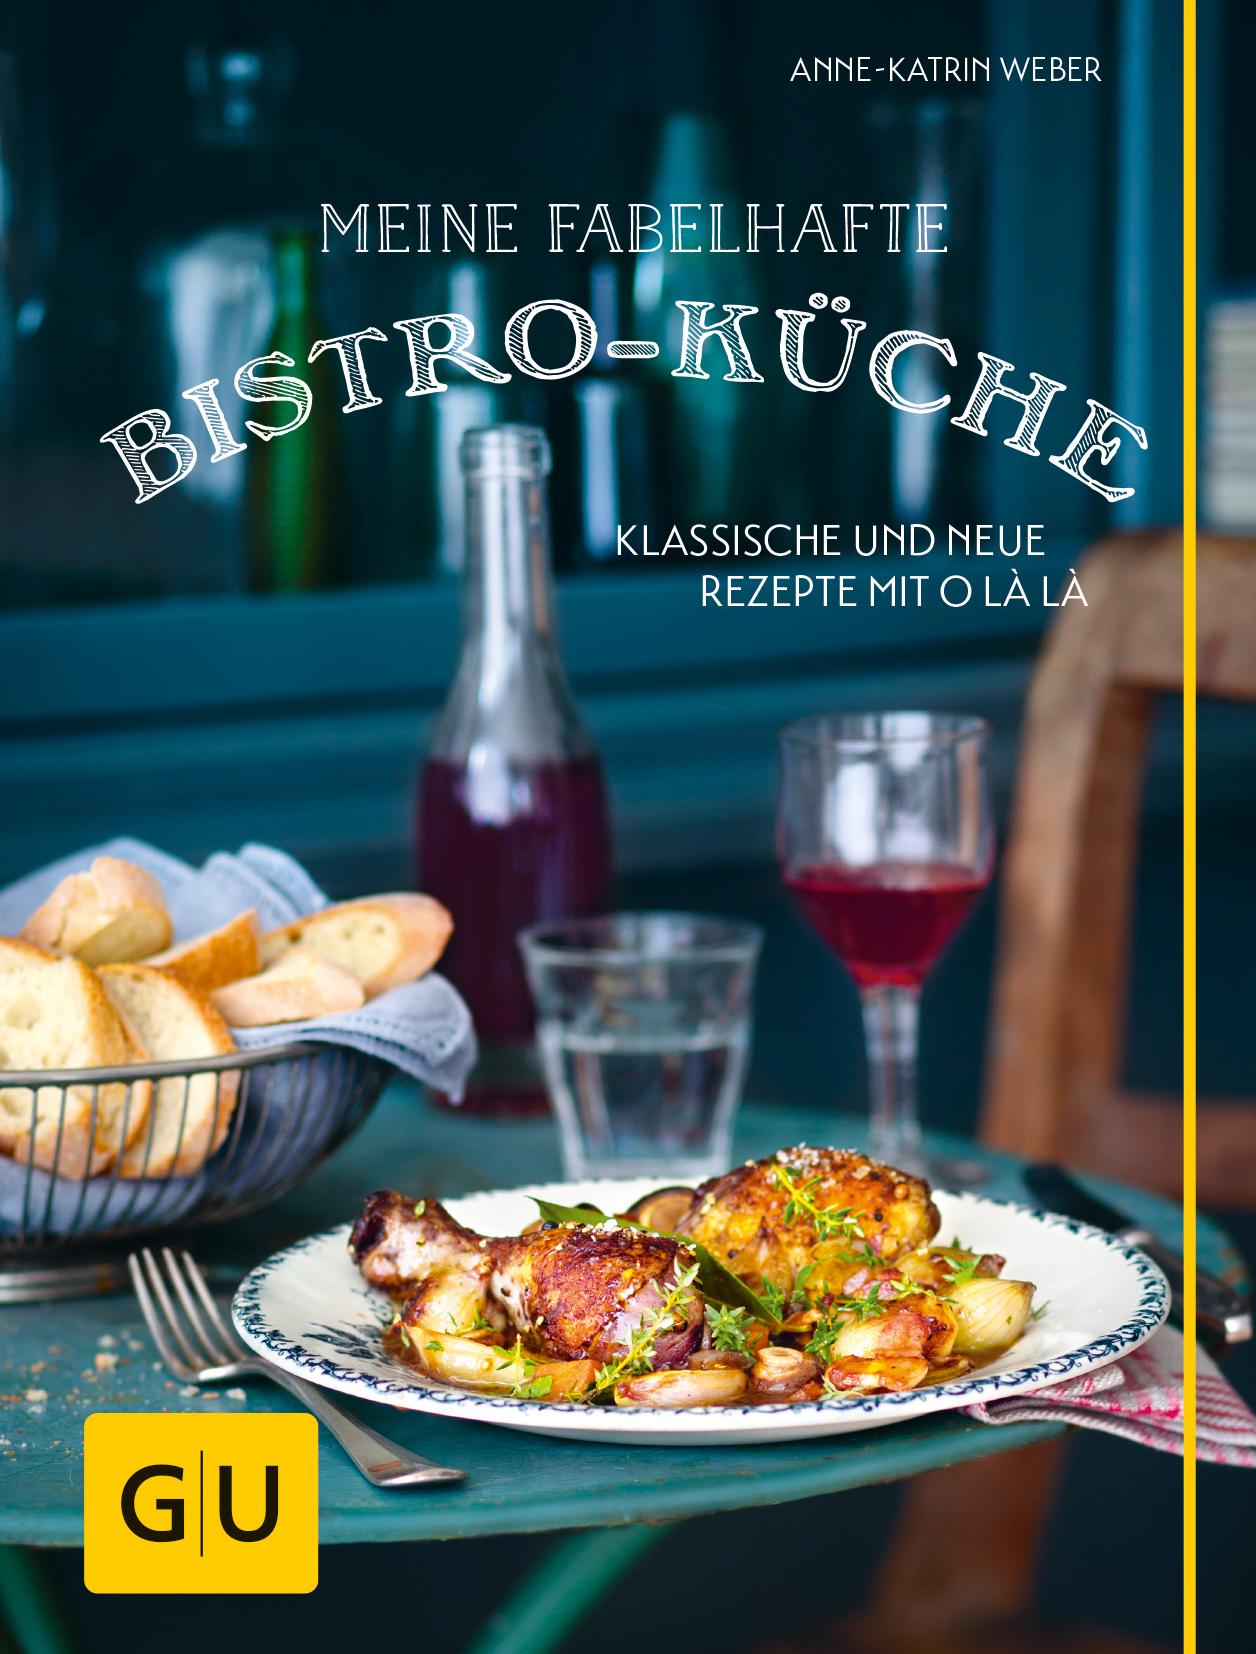 Klassische küche rezepte  Rezension - meine fabelhafte Bistro-Küche - Katha-kocht!